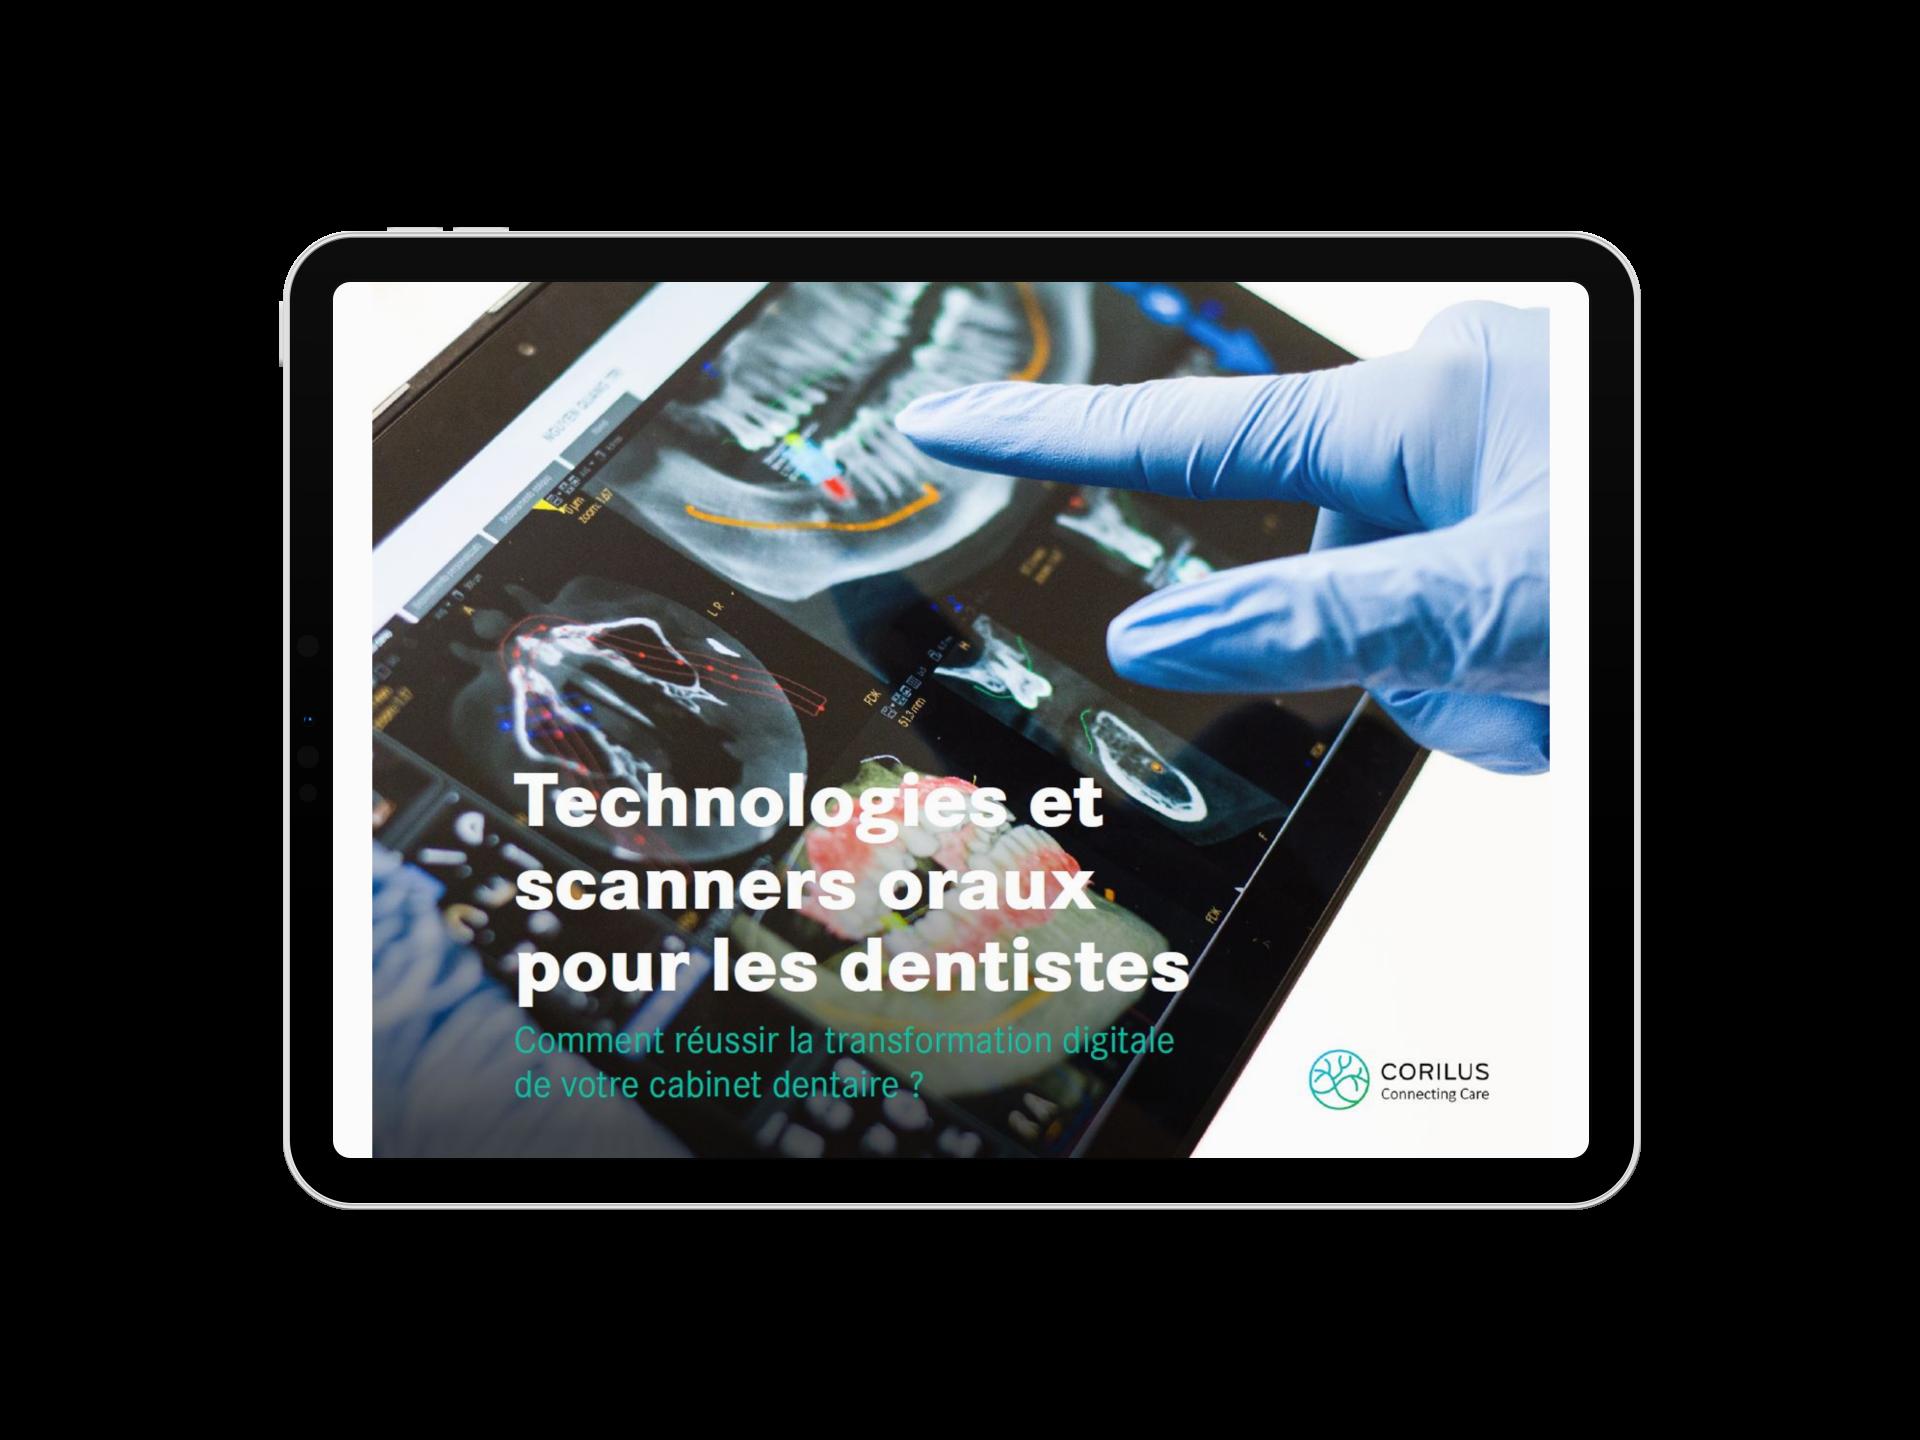 technologies-et-scanners-oraux-dentistes